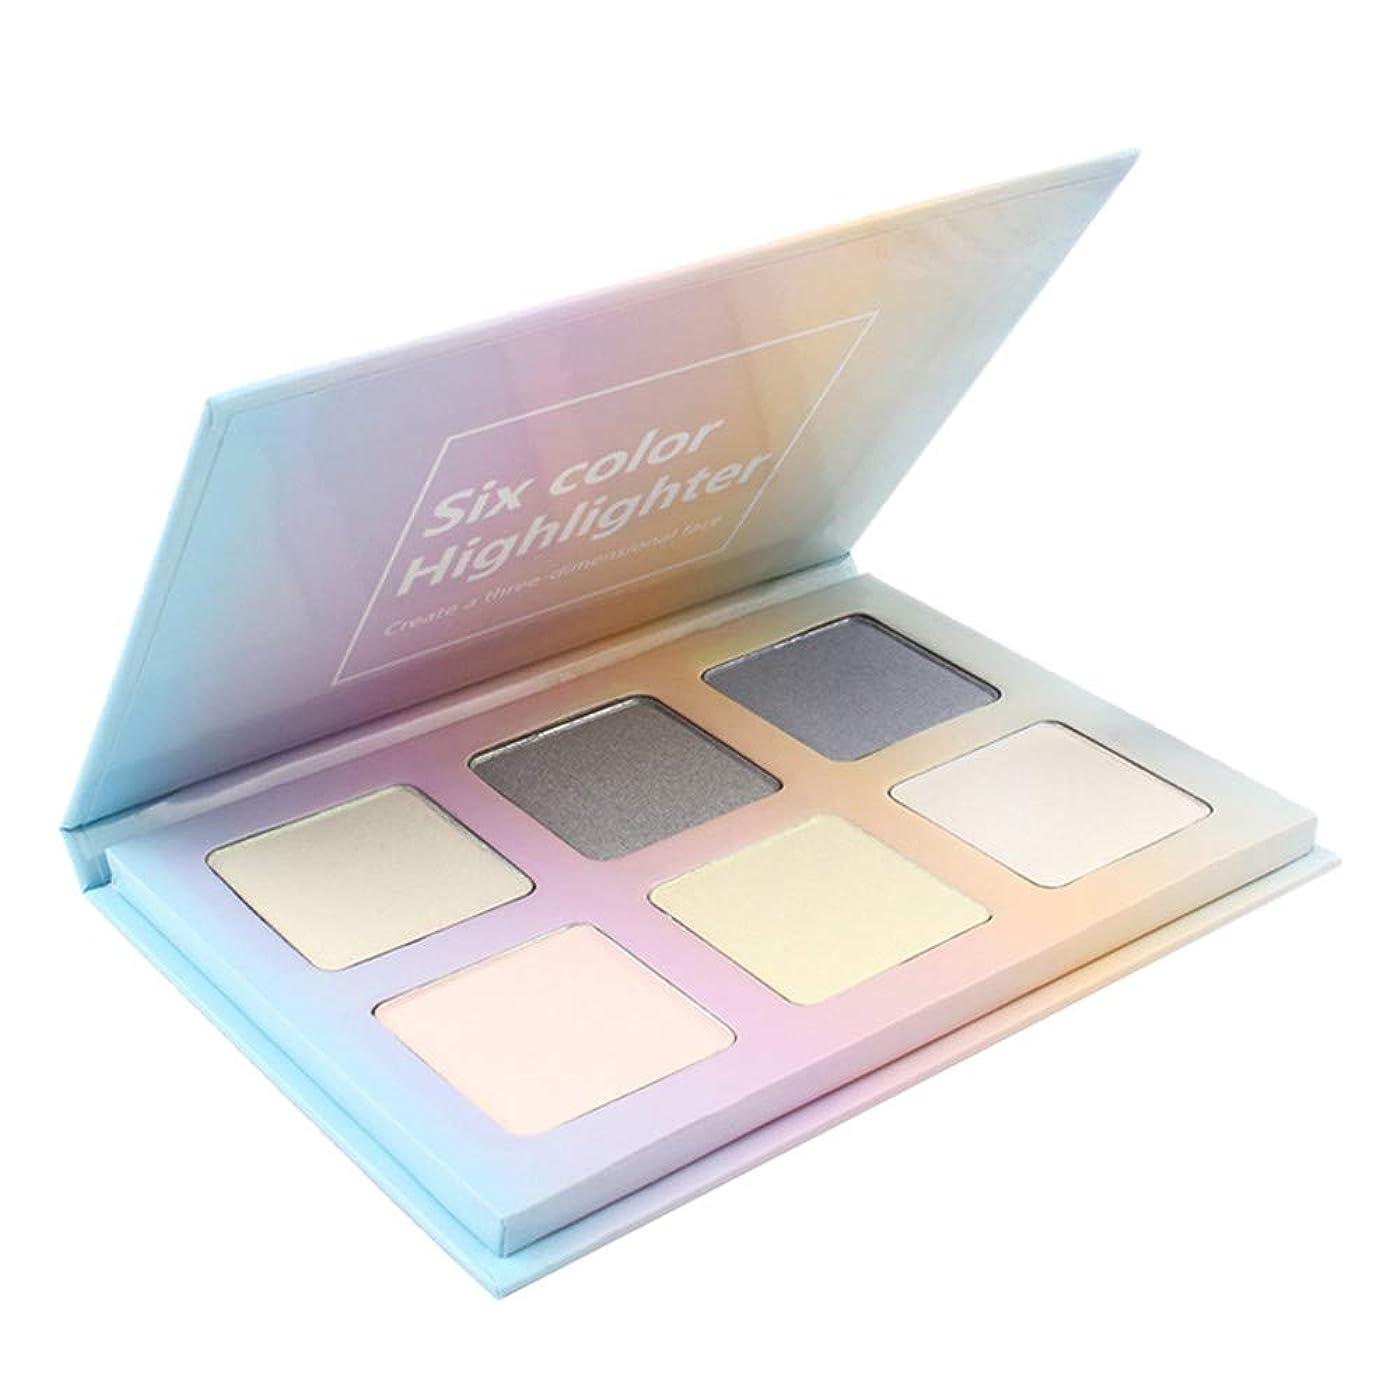 マーチャンダイザーバッグ敏感な化粧品蛍光ペンアイシャドウクリームメイクアップパレットパウダーセットブラシセット